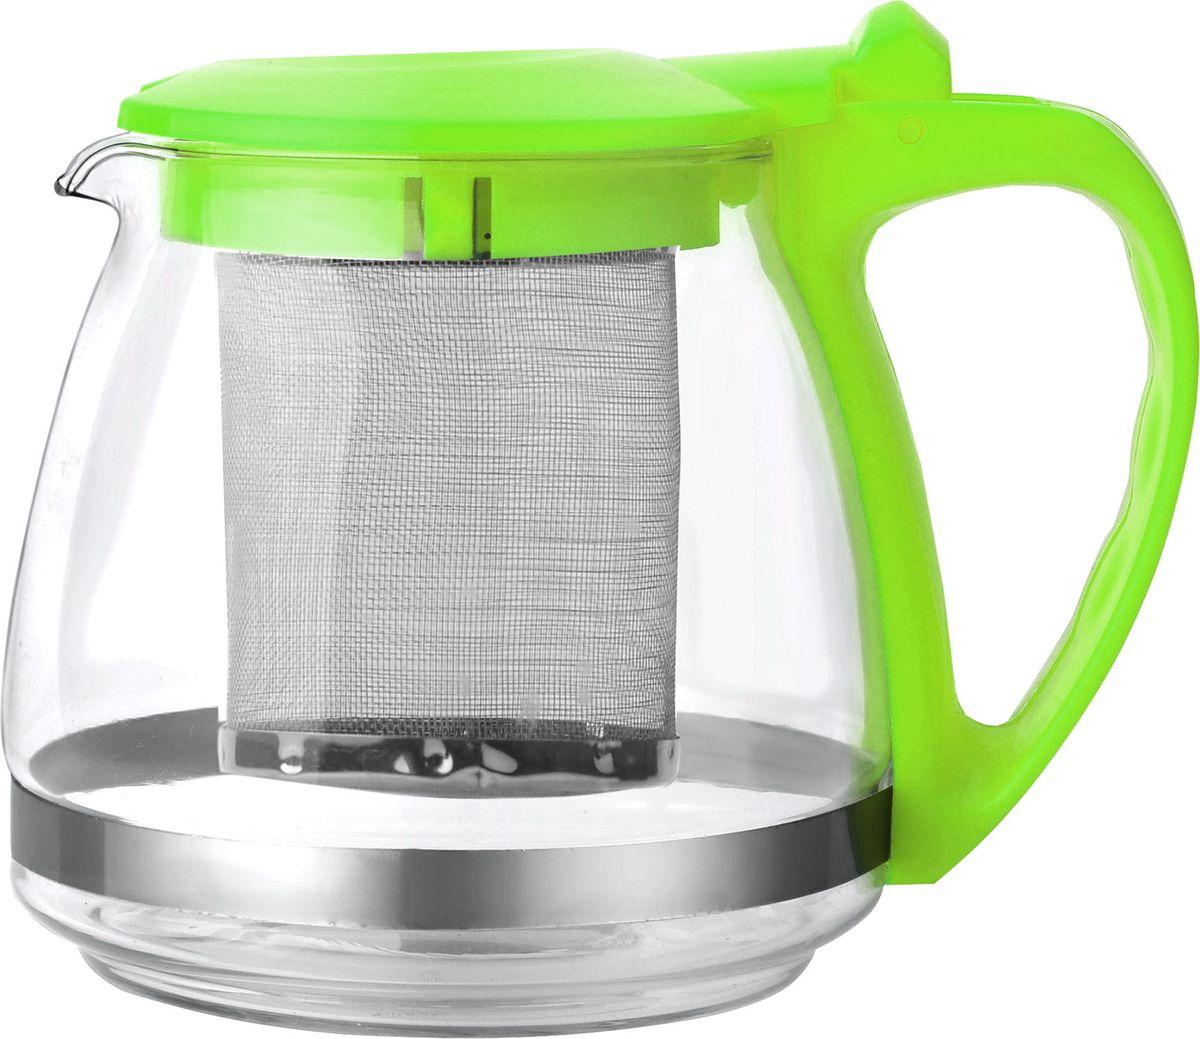 Ручка и крышка пластиковая цветная. Ситечко из нержавеющей стали. Автоматическое открывание крышки. Подходит для чистки в посудомоечной машине. Состав: жаропрочное стекло. Объем: 0,7 л.